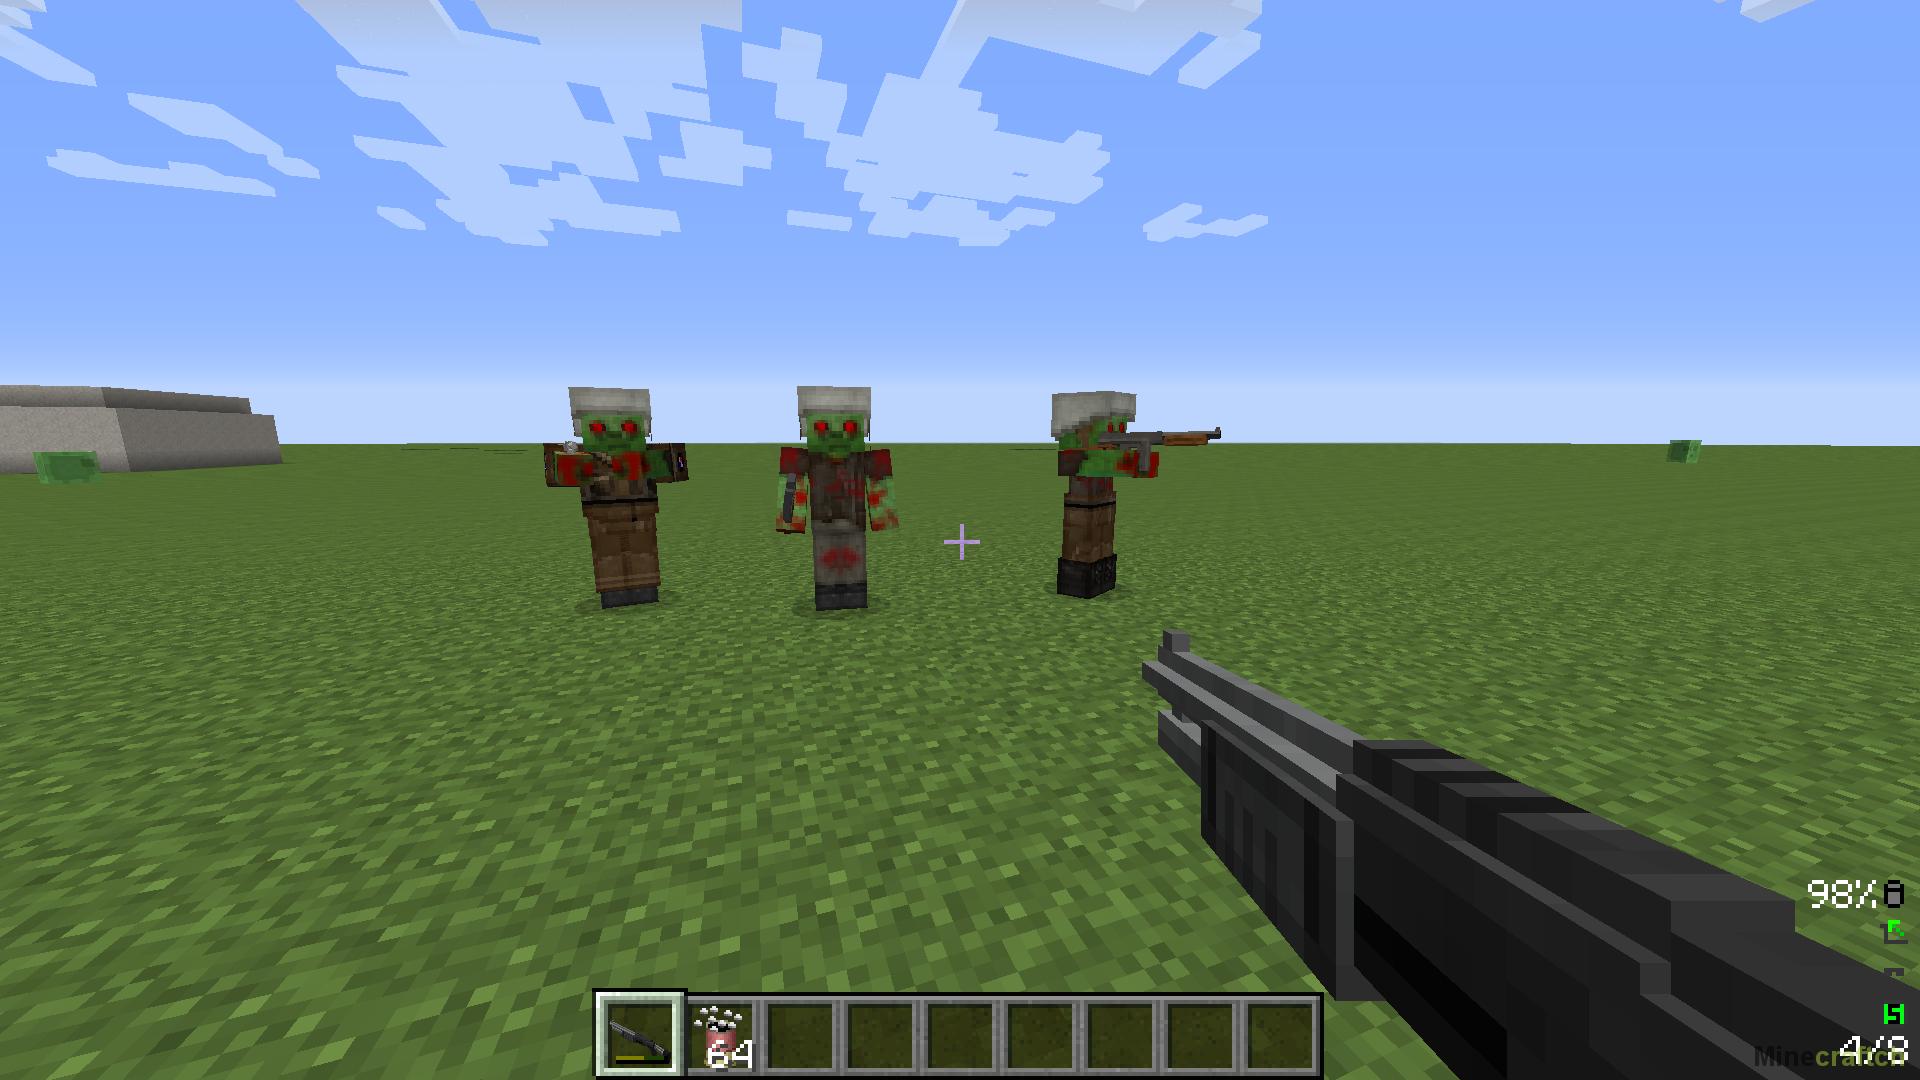 скачать моды на minecraft 1 7 2 на оружие